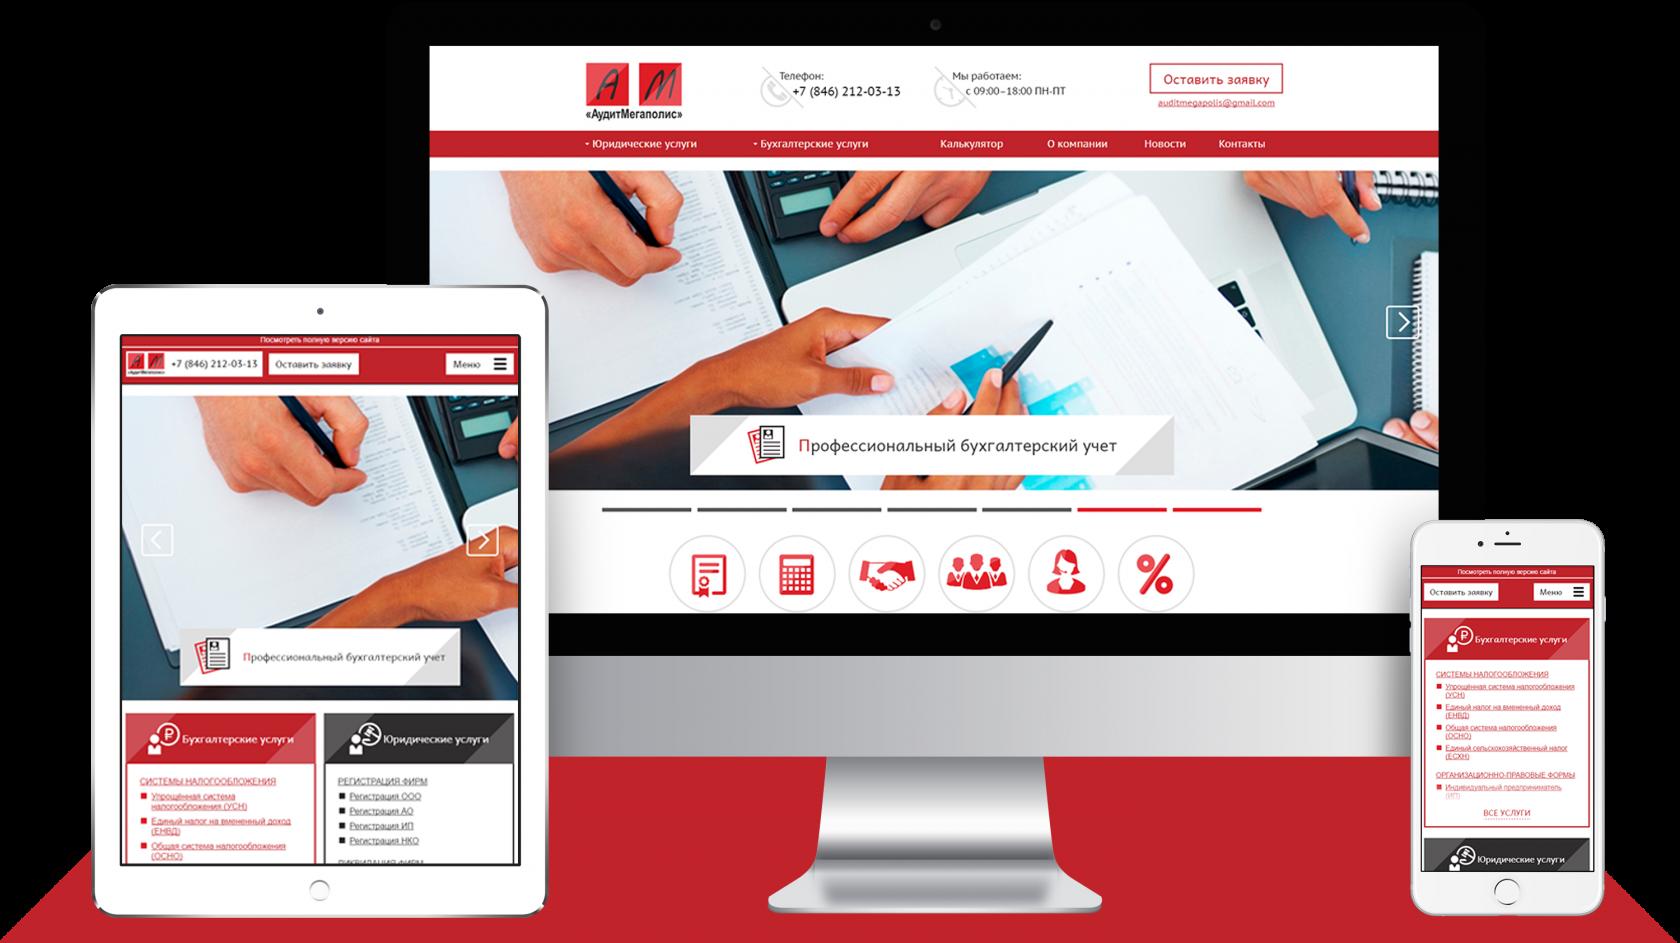 Как эффективно рекламировать юридические услуги ру дизайн создание сайтов и продвижение сайтов реклама в интернете